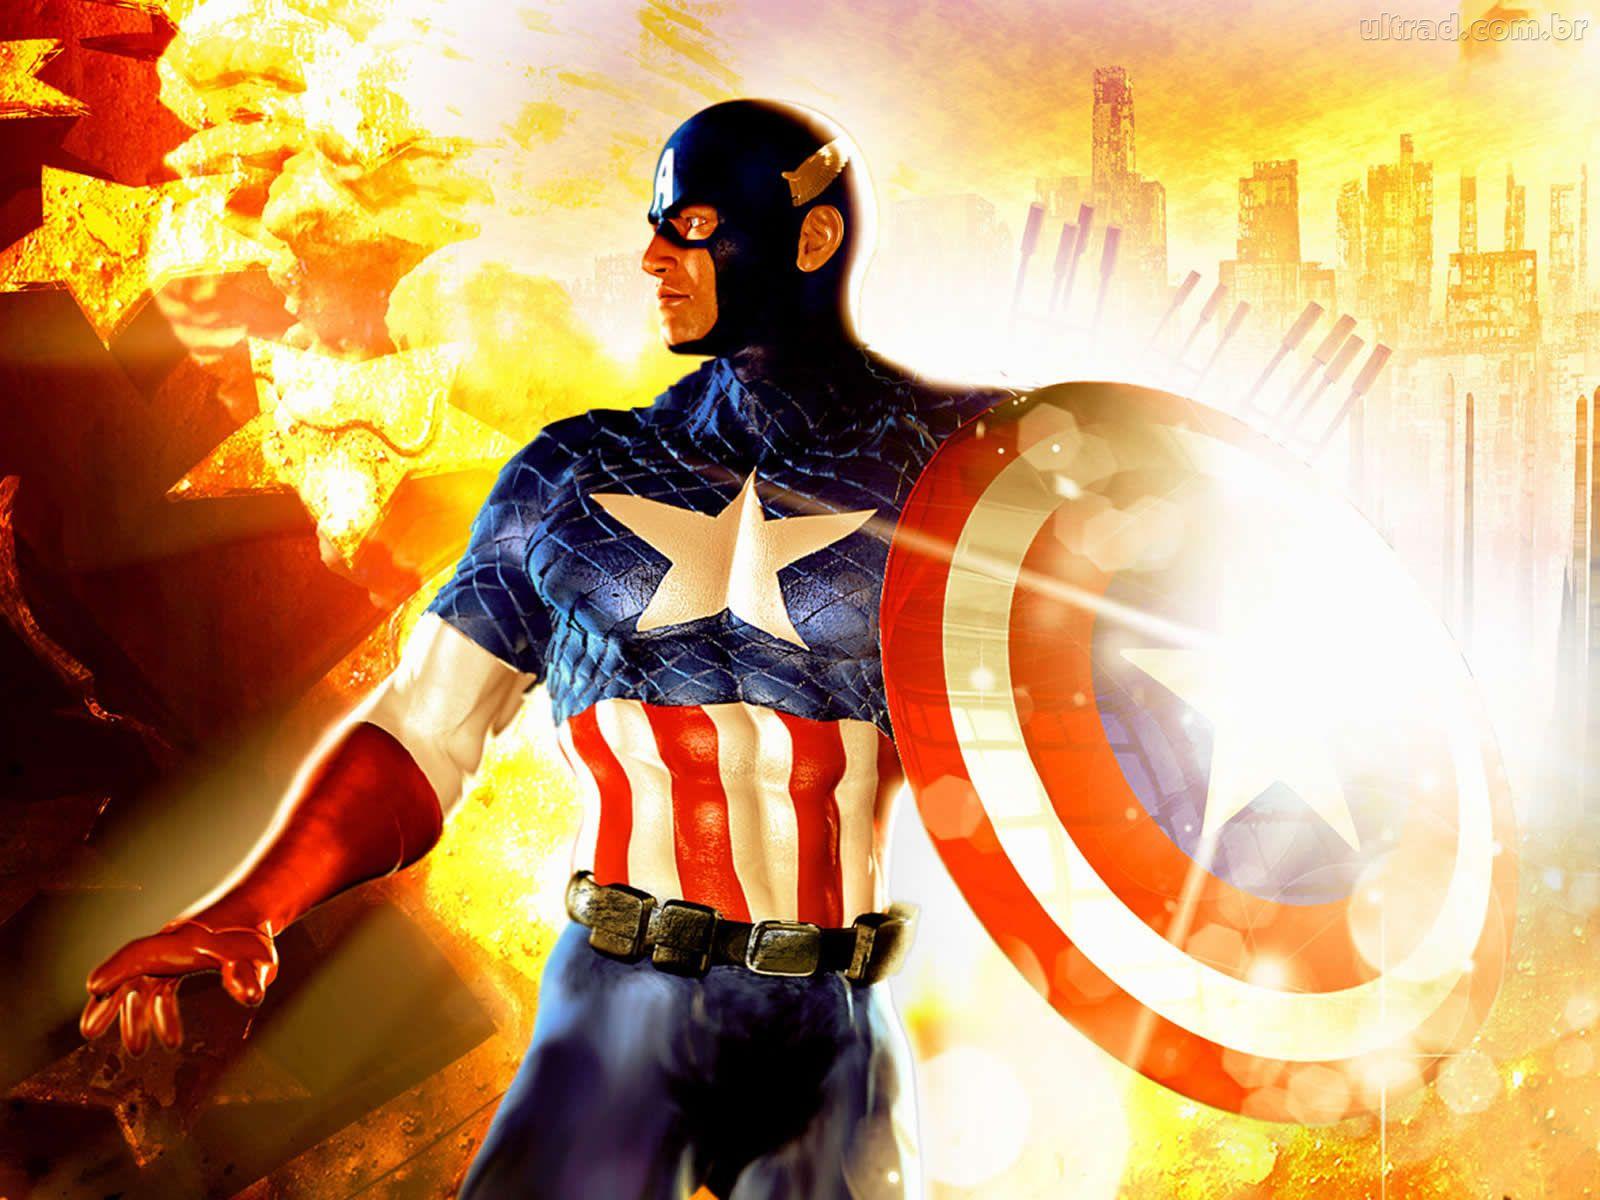 Papel De Parede Do Capitao America: PZ C: Capitão America